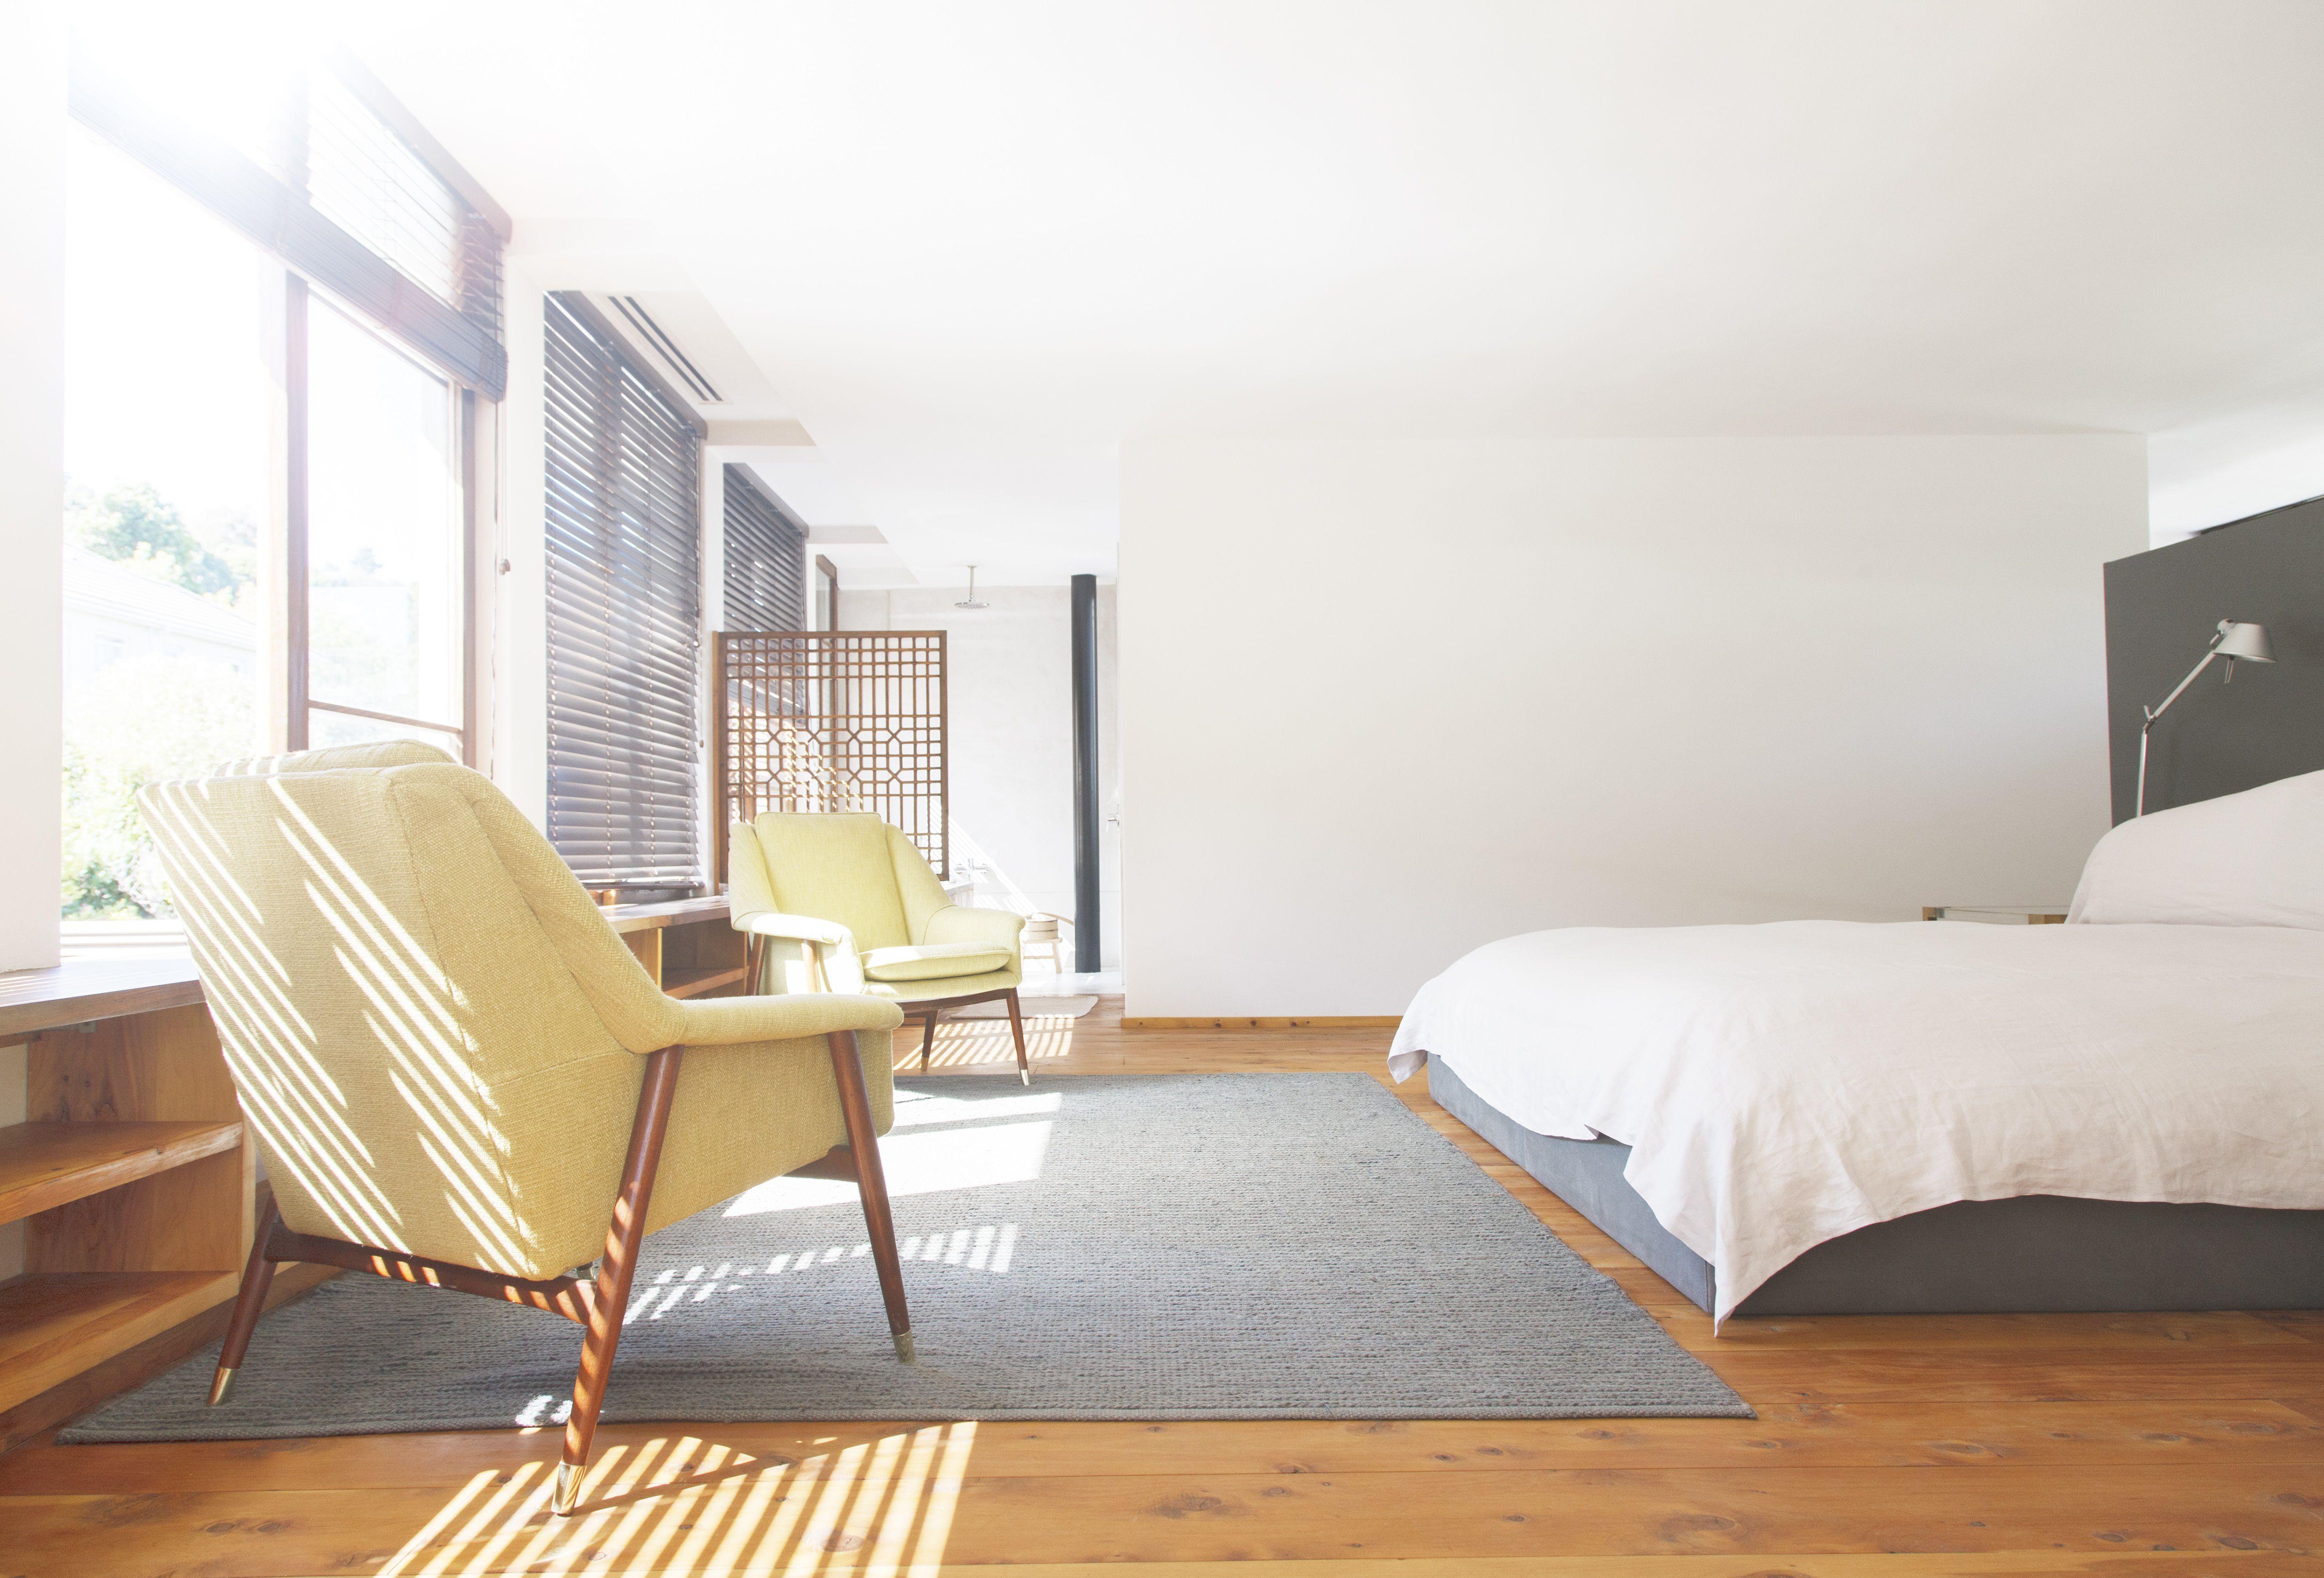 Sillas modernas de mediados de siglo en el dormitorio